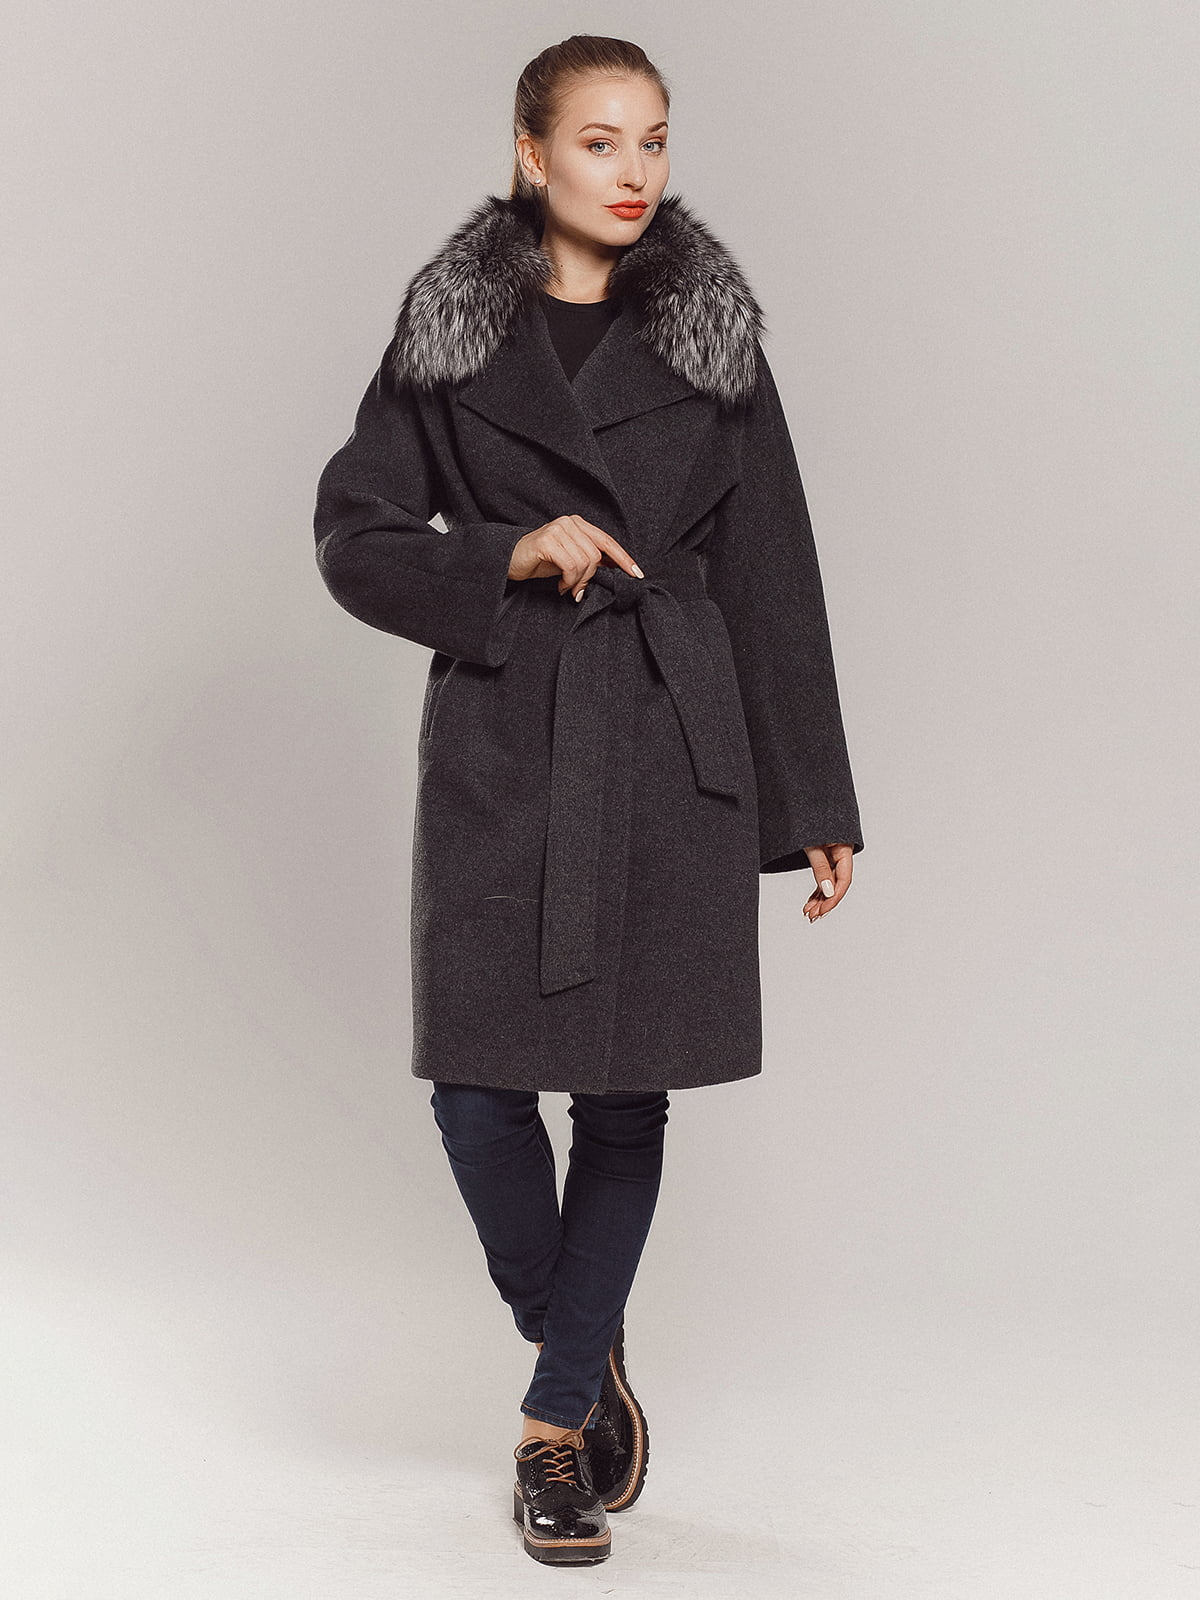 Пальто сіре | 4739366 | фото 2